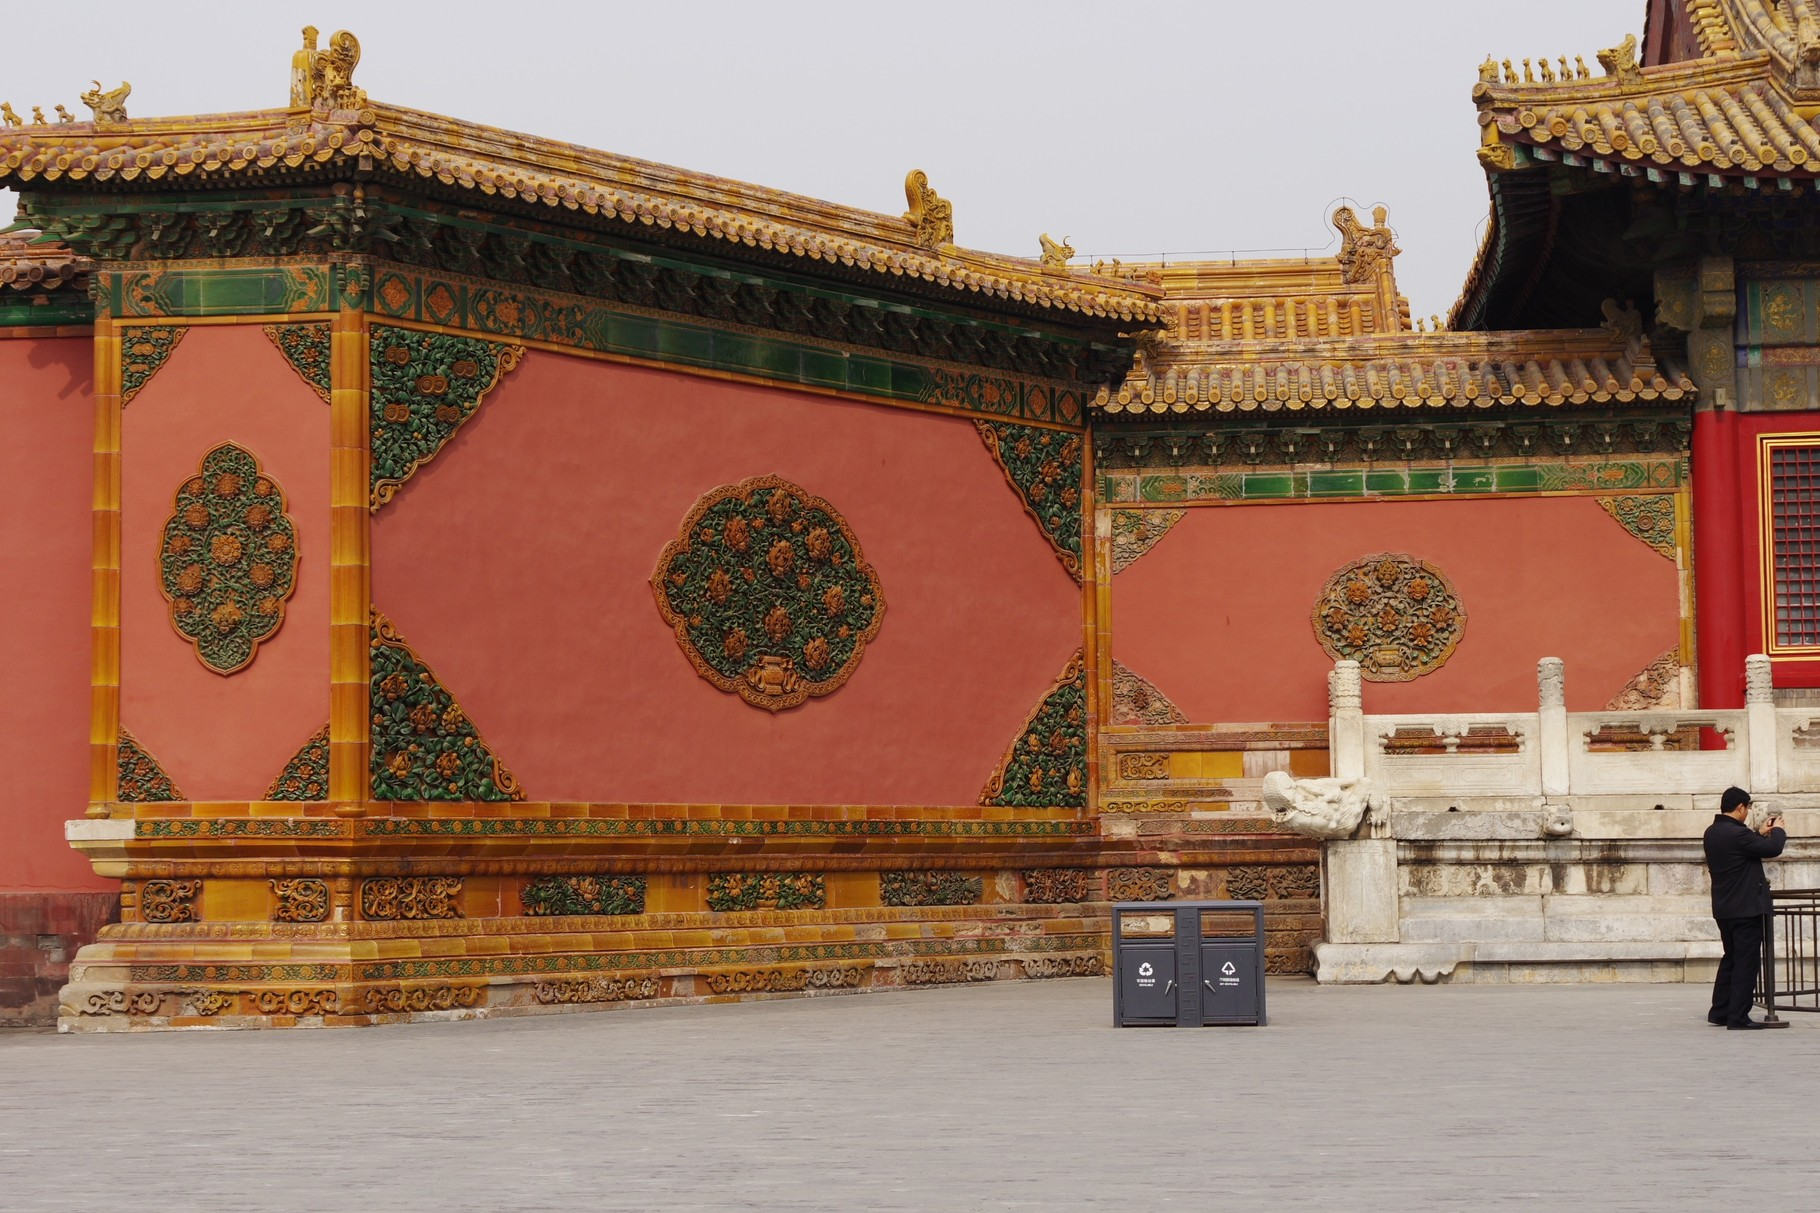 乾清門の影壁